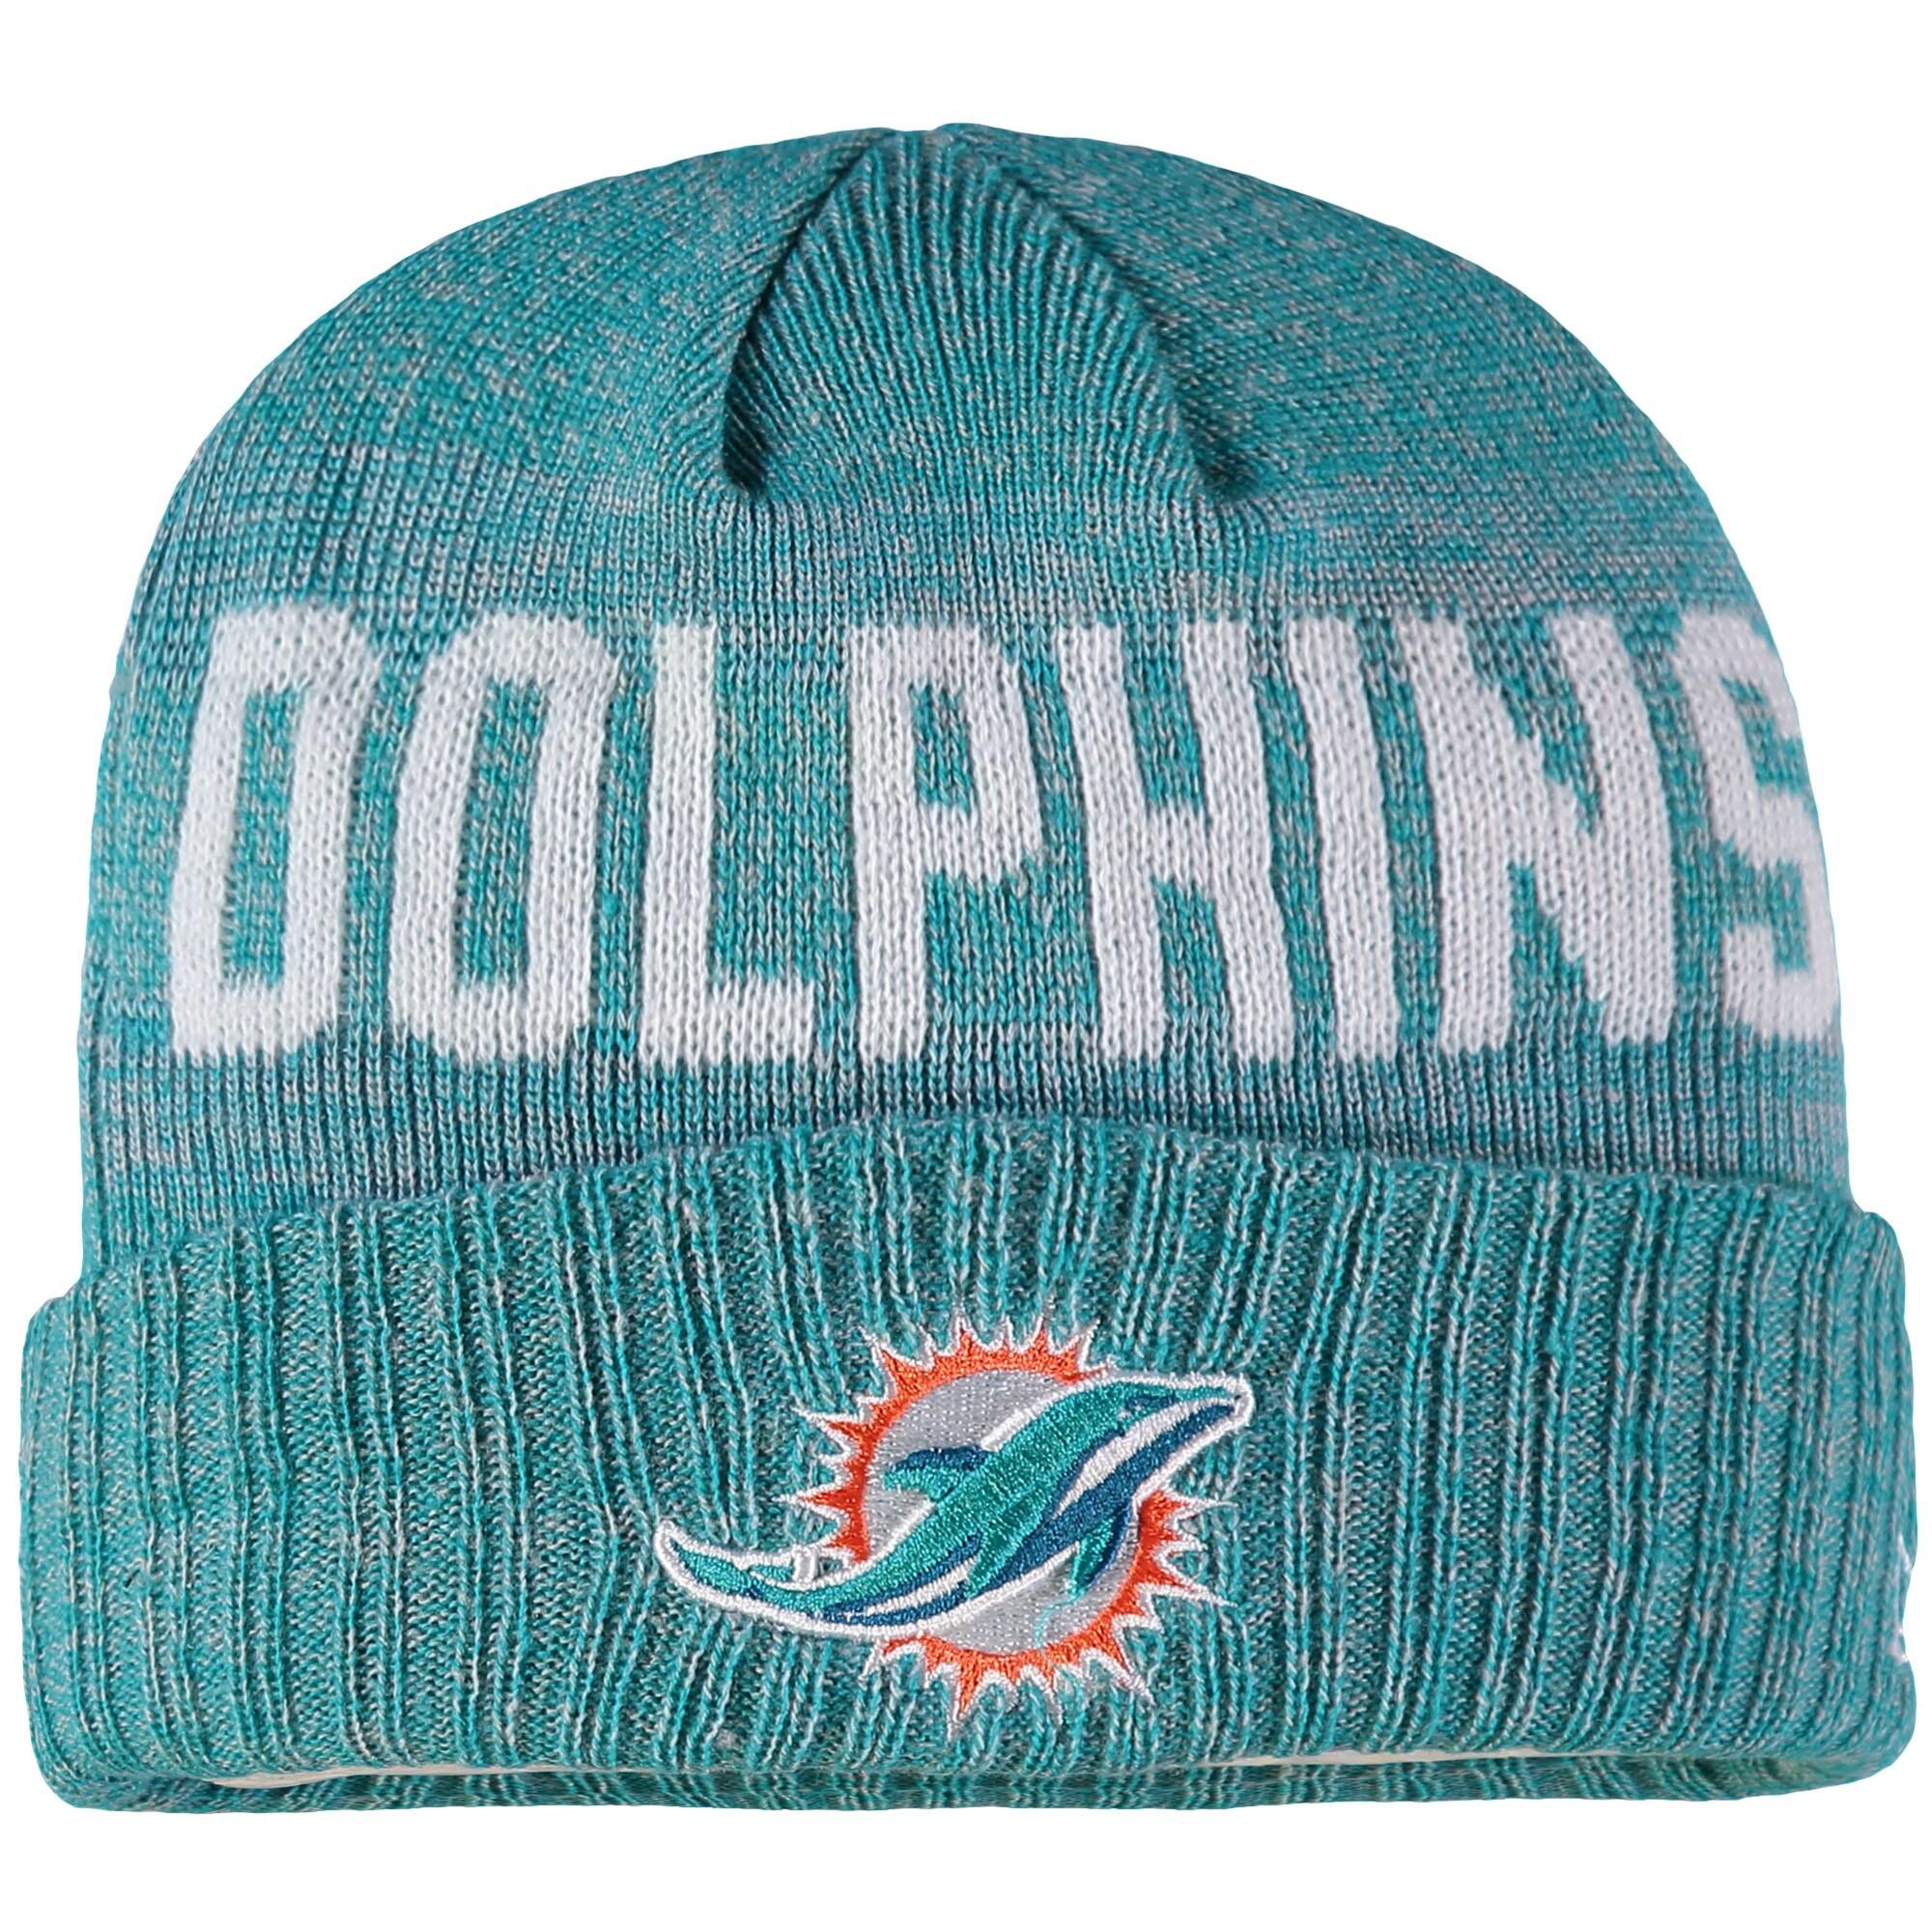 Miami Dolphins New Era Preschool & Toddler Crisp Color Knit Cuffed Hat - Aqua